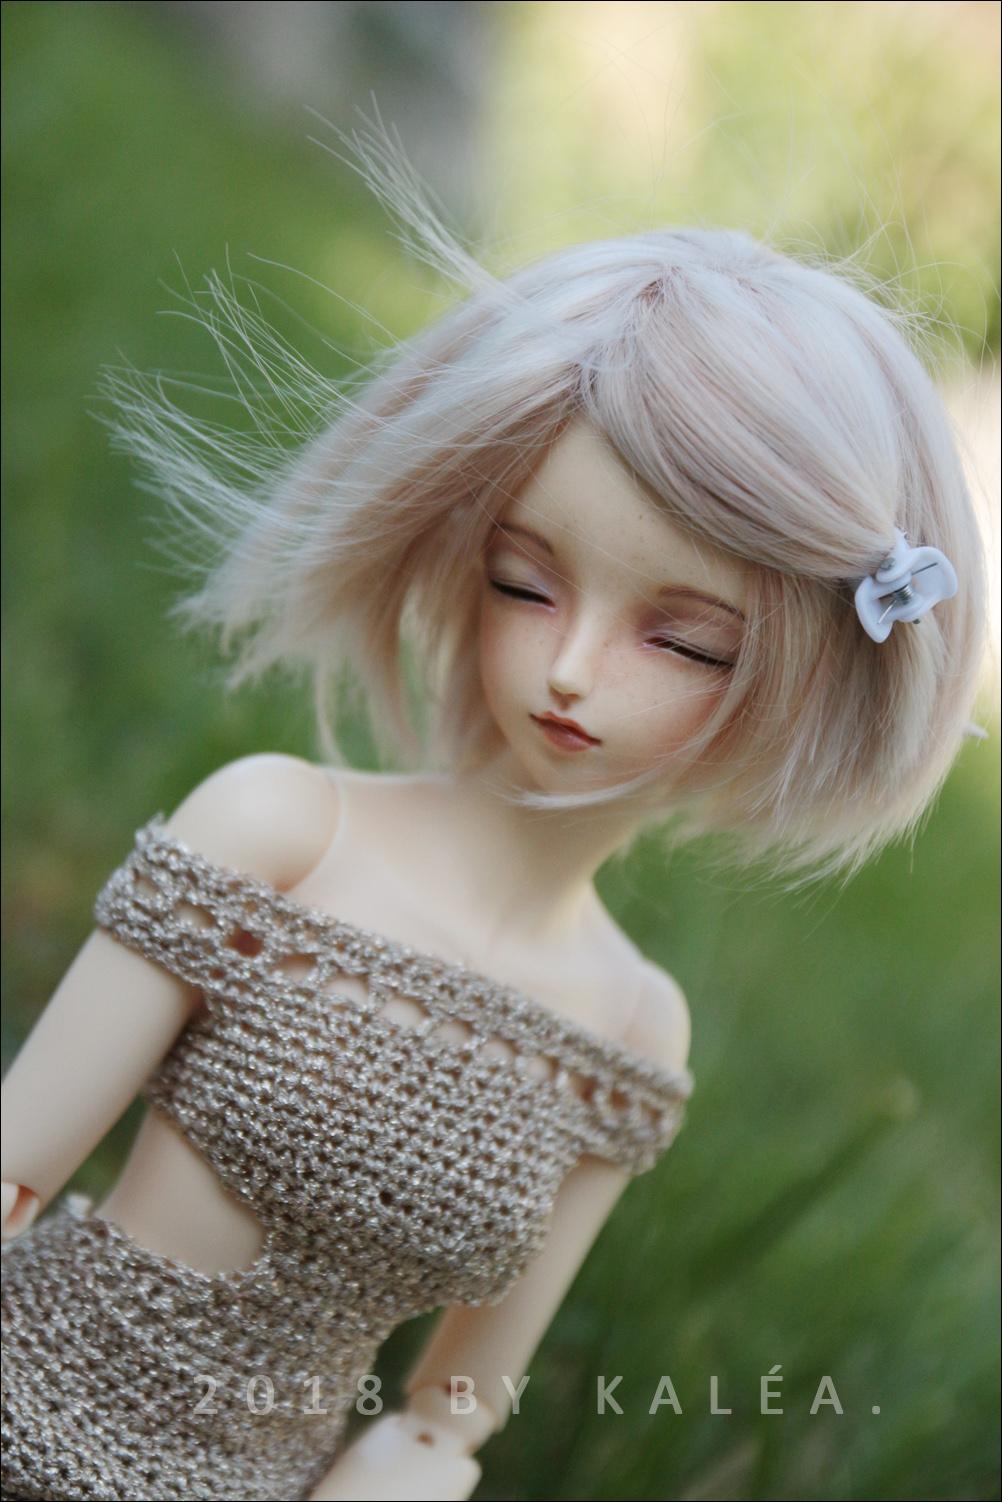 [22.02.20] DL Betty - Jeune fille en fleur - P22 - Page 11 180424072322